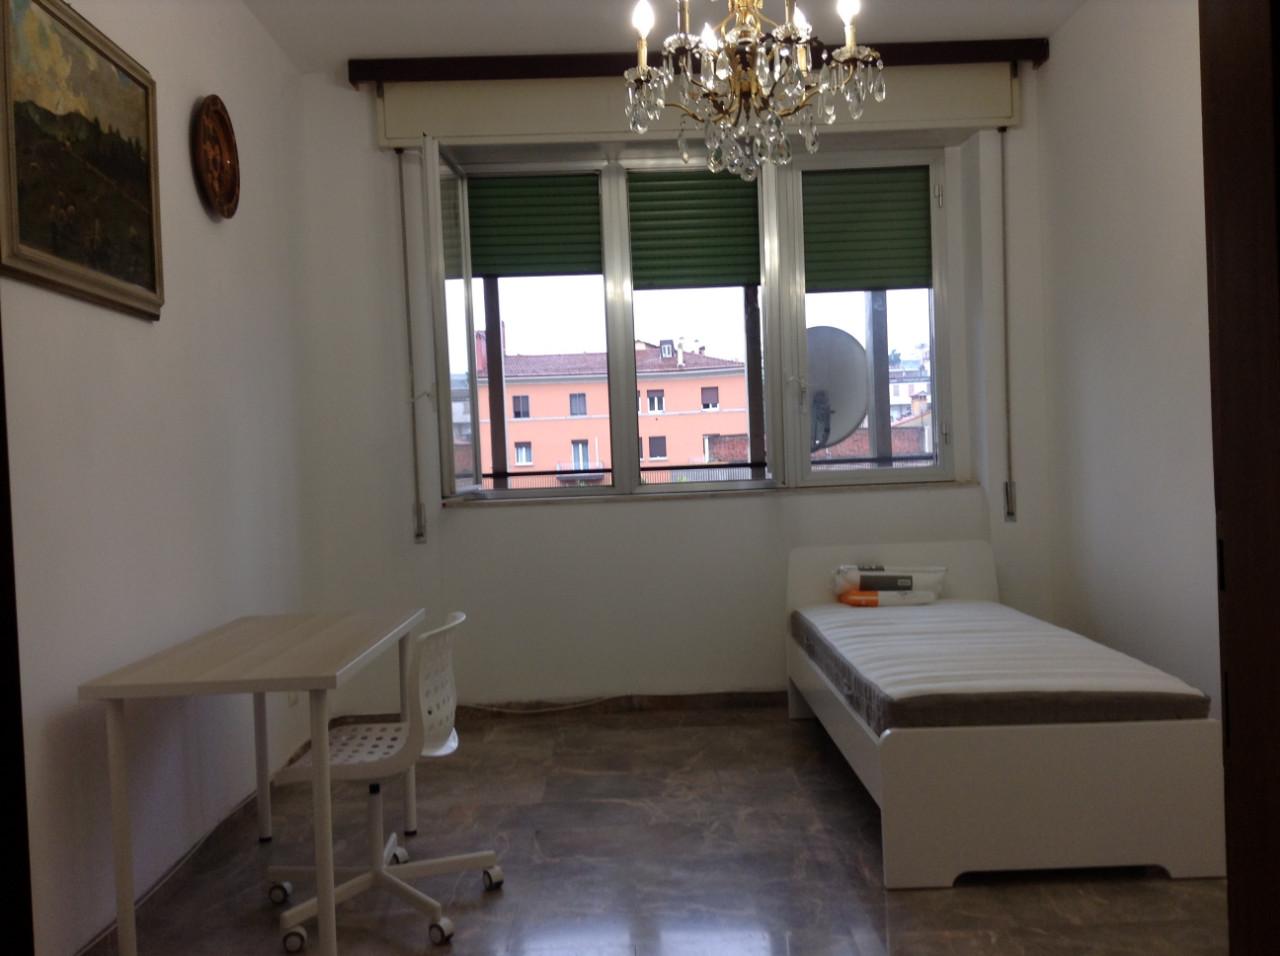 Camera Singola-doppia in affitto Bologna Zona Centro Storico